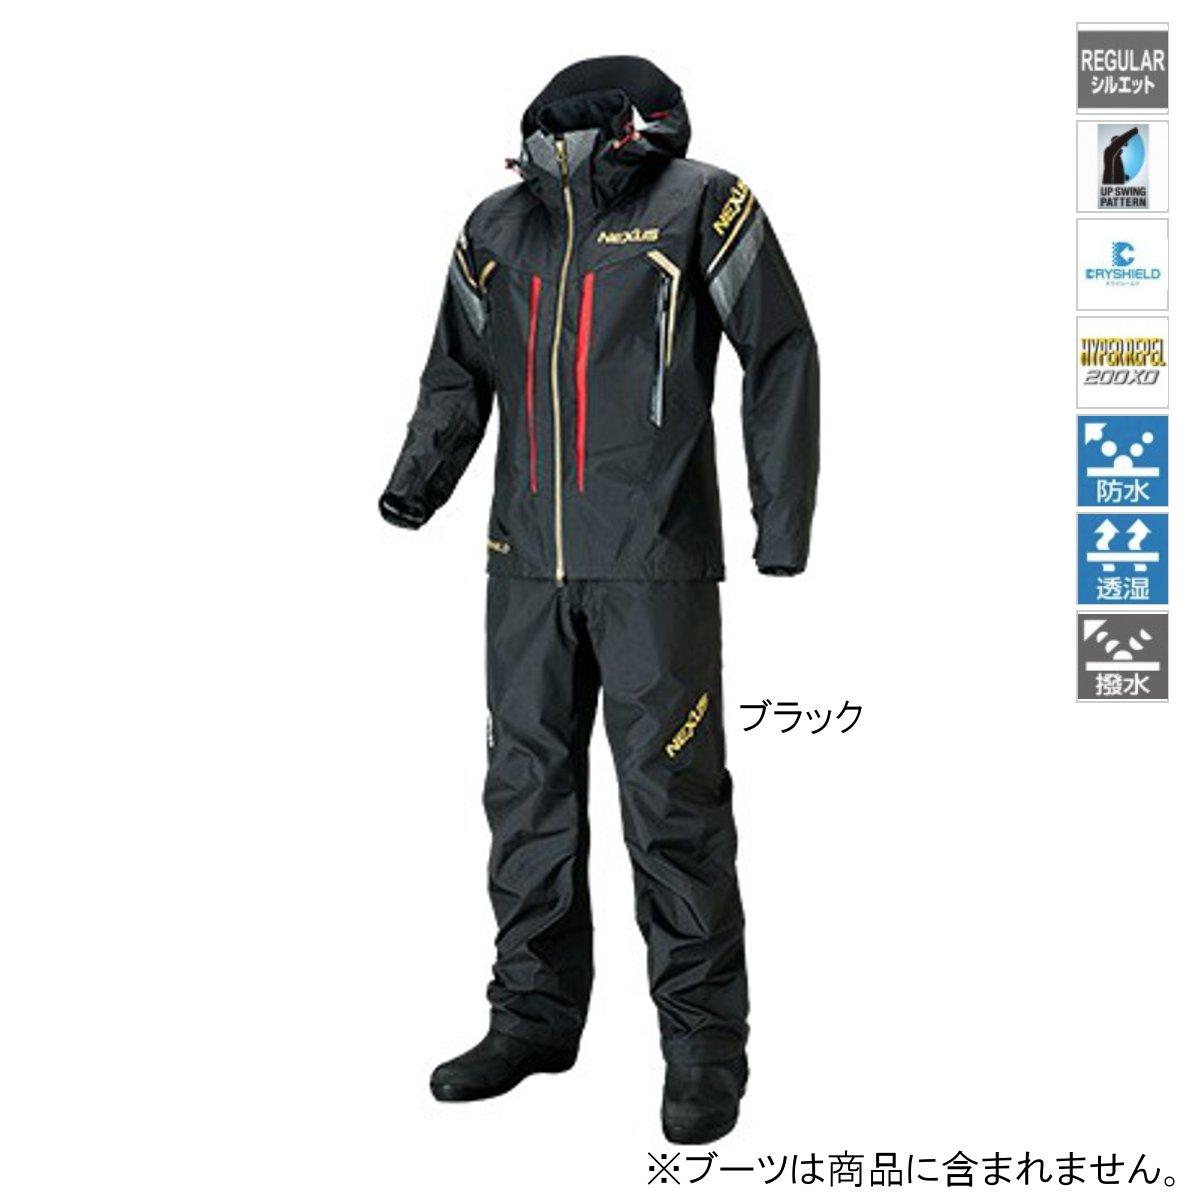 【8月30日エントリーで最大P36倍!】シマノ NEXUS・DS タフレインスーツ RA-124S M ブラック